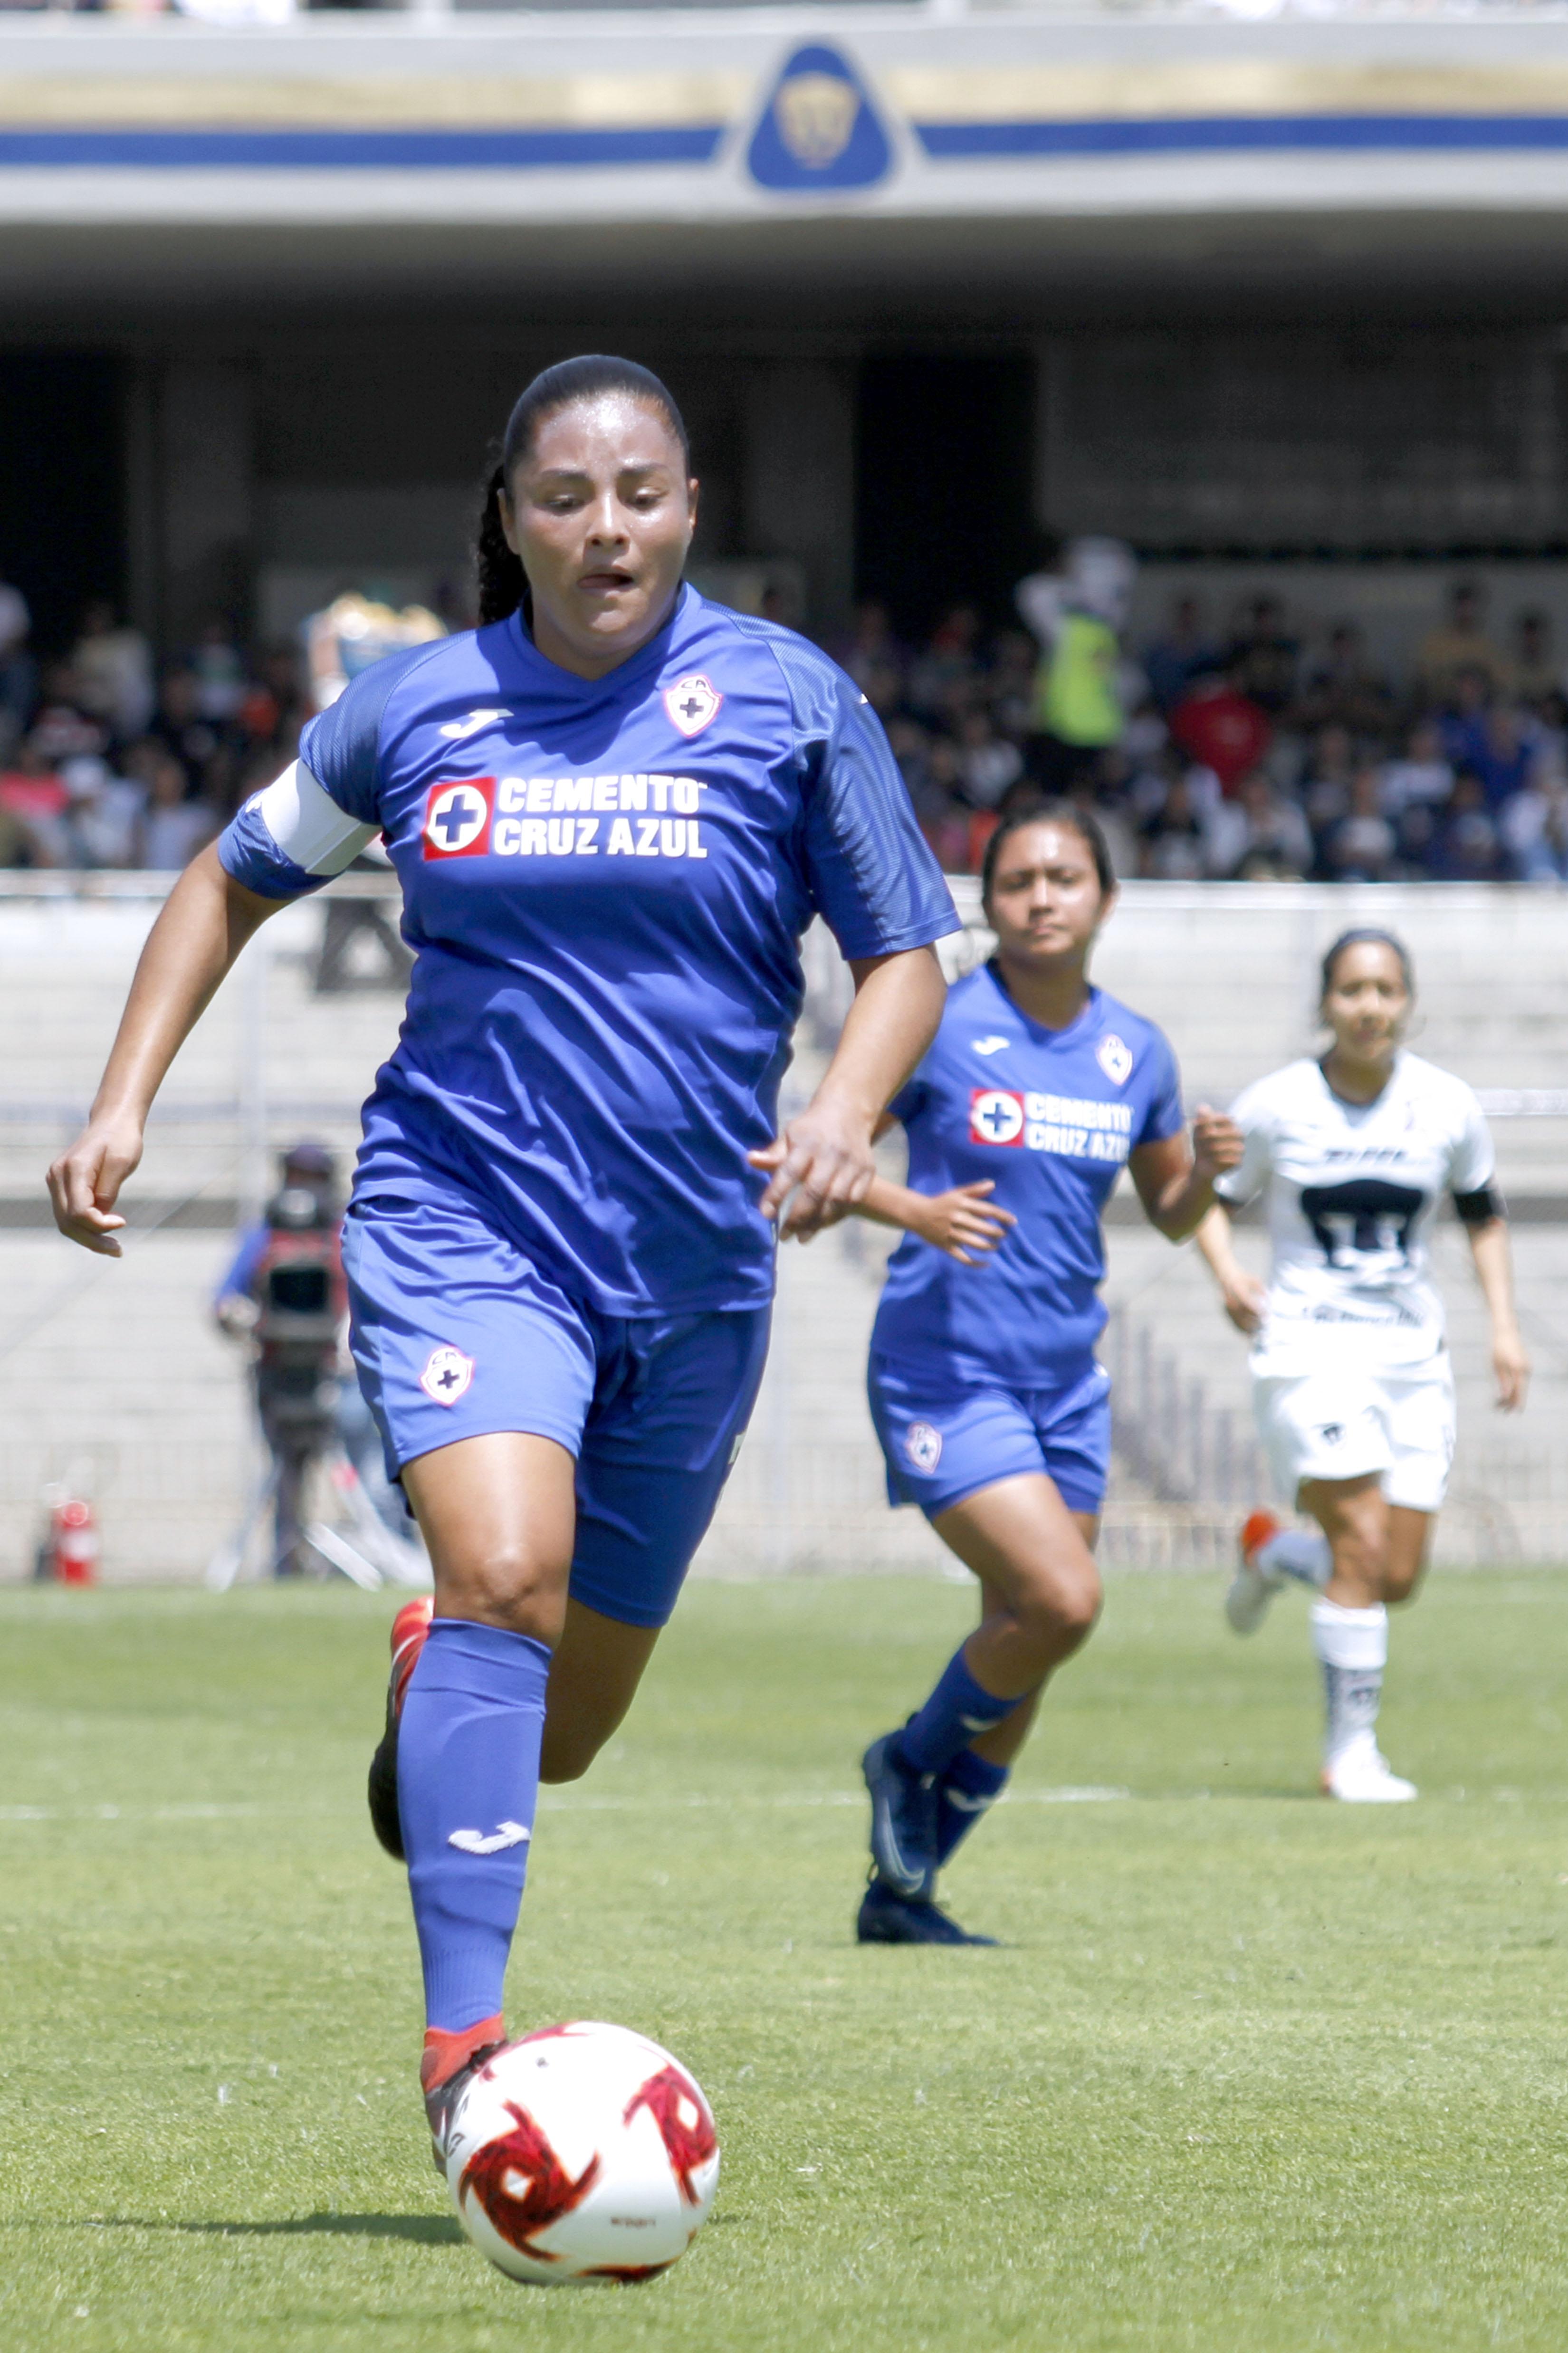 Marylin Díaz Cruz Azul 2020.jpg